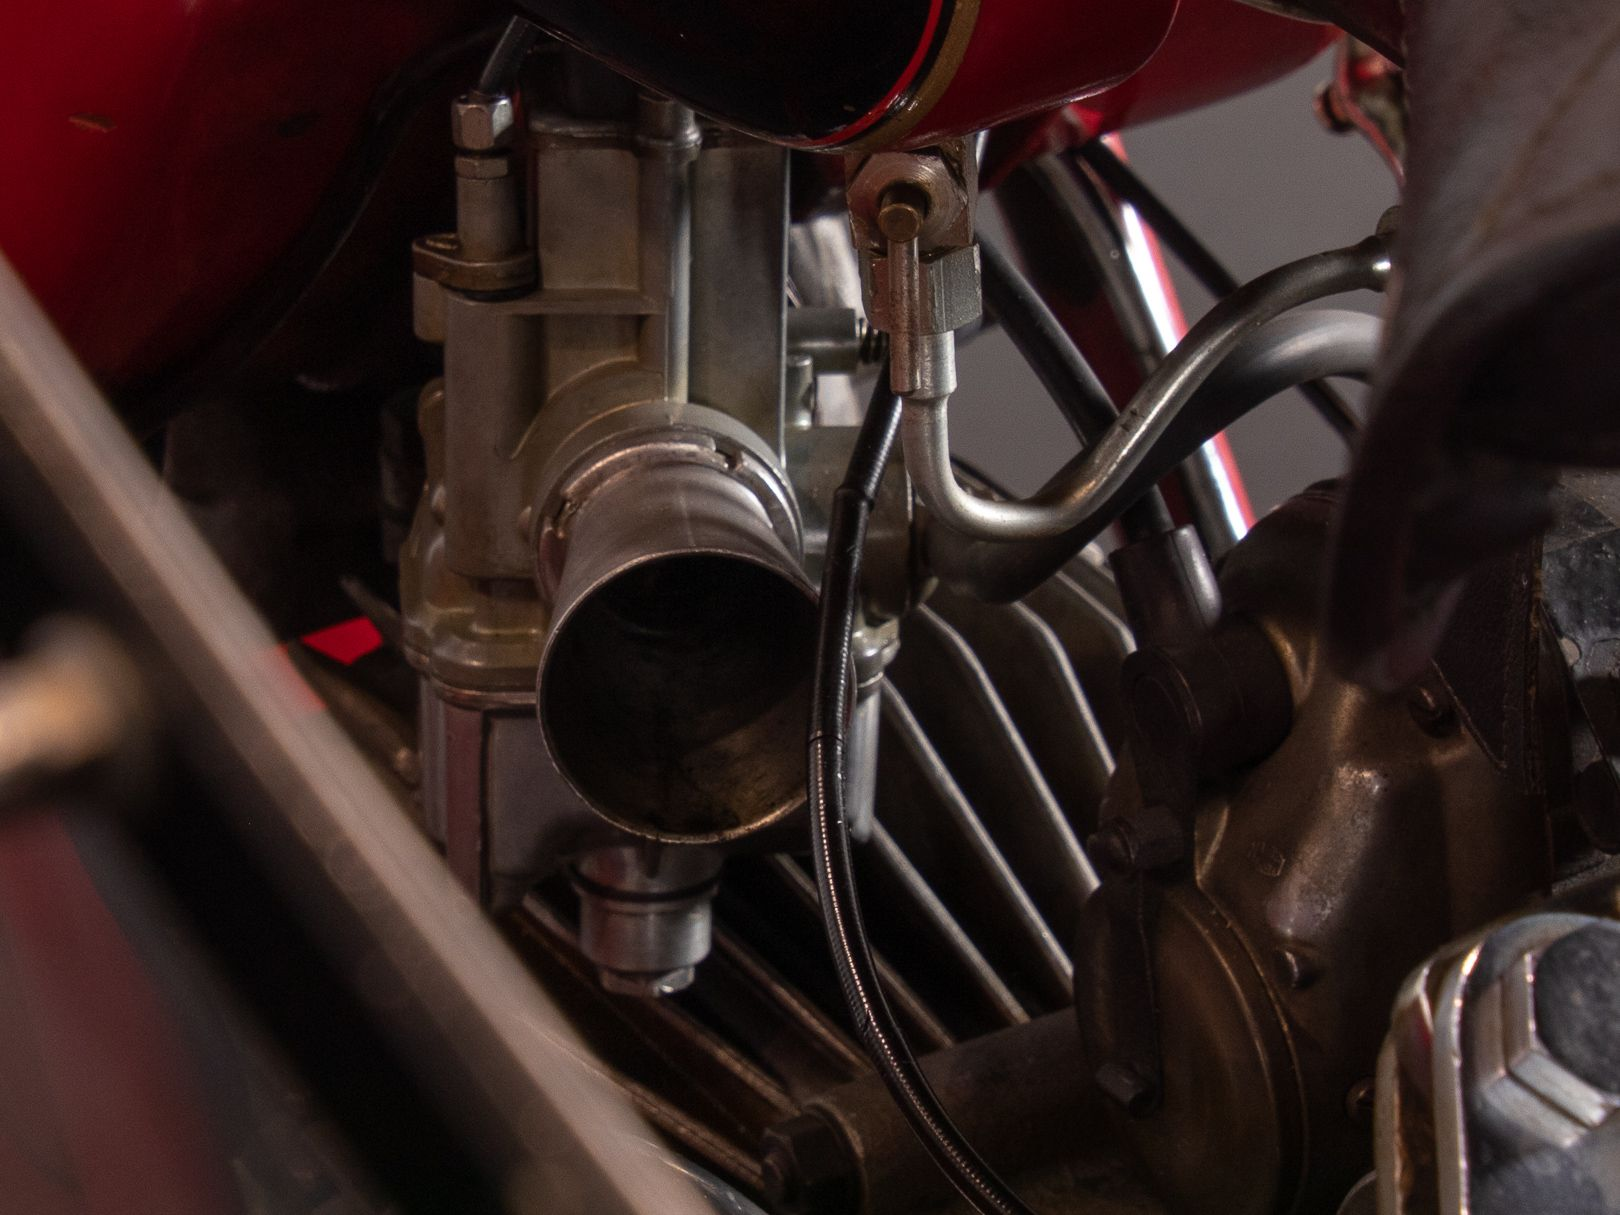 1956 Moto Guzzi 500 FS Sidecar 44987